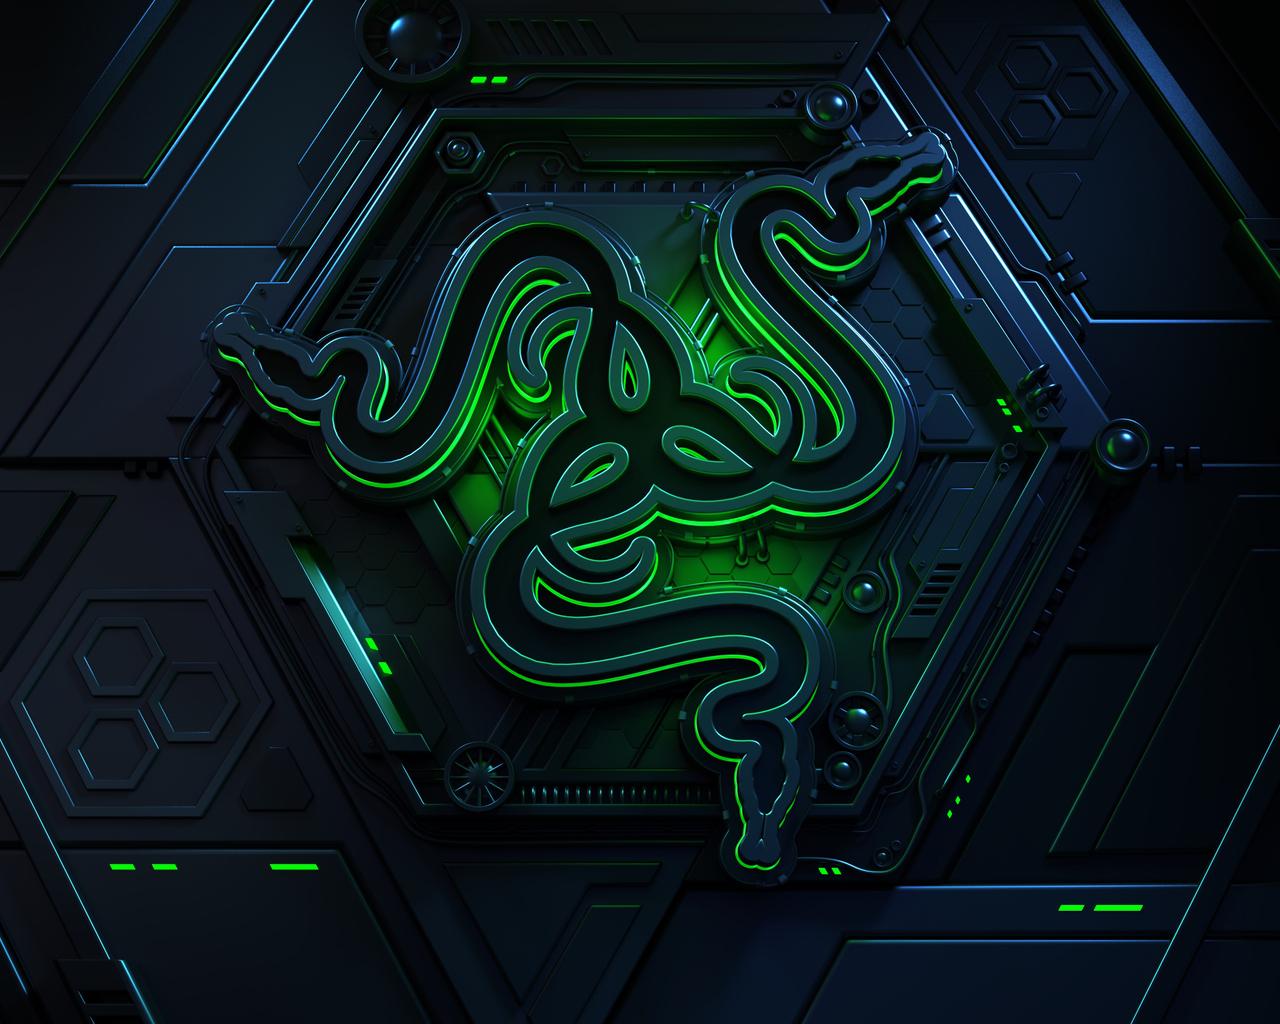 1280x1024 Razer 4k Logo 1280x1024 Resolution HD 4k ...